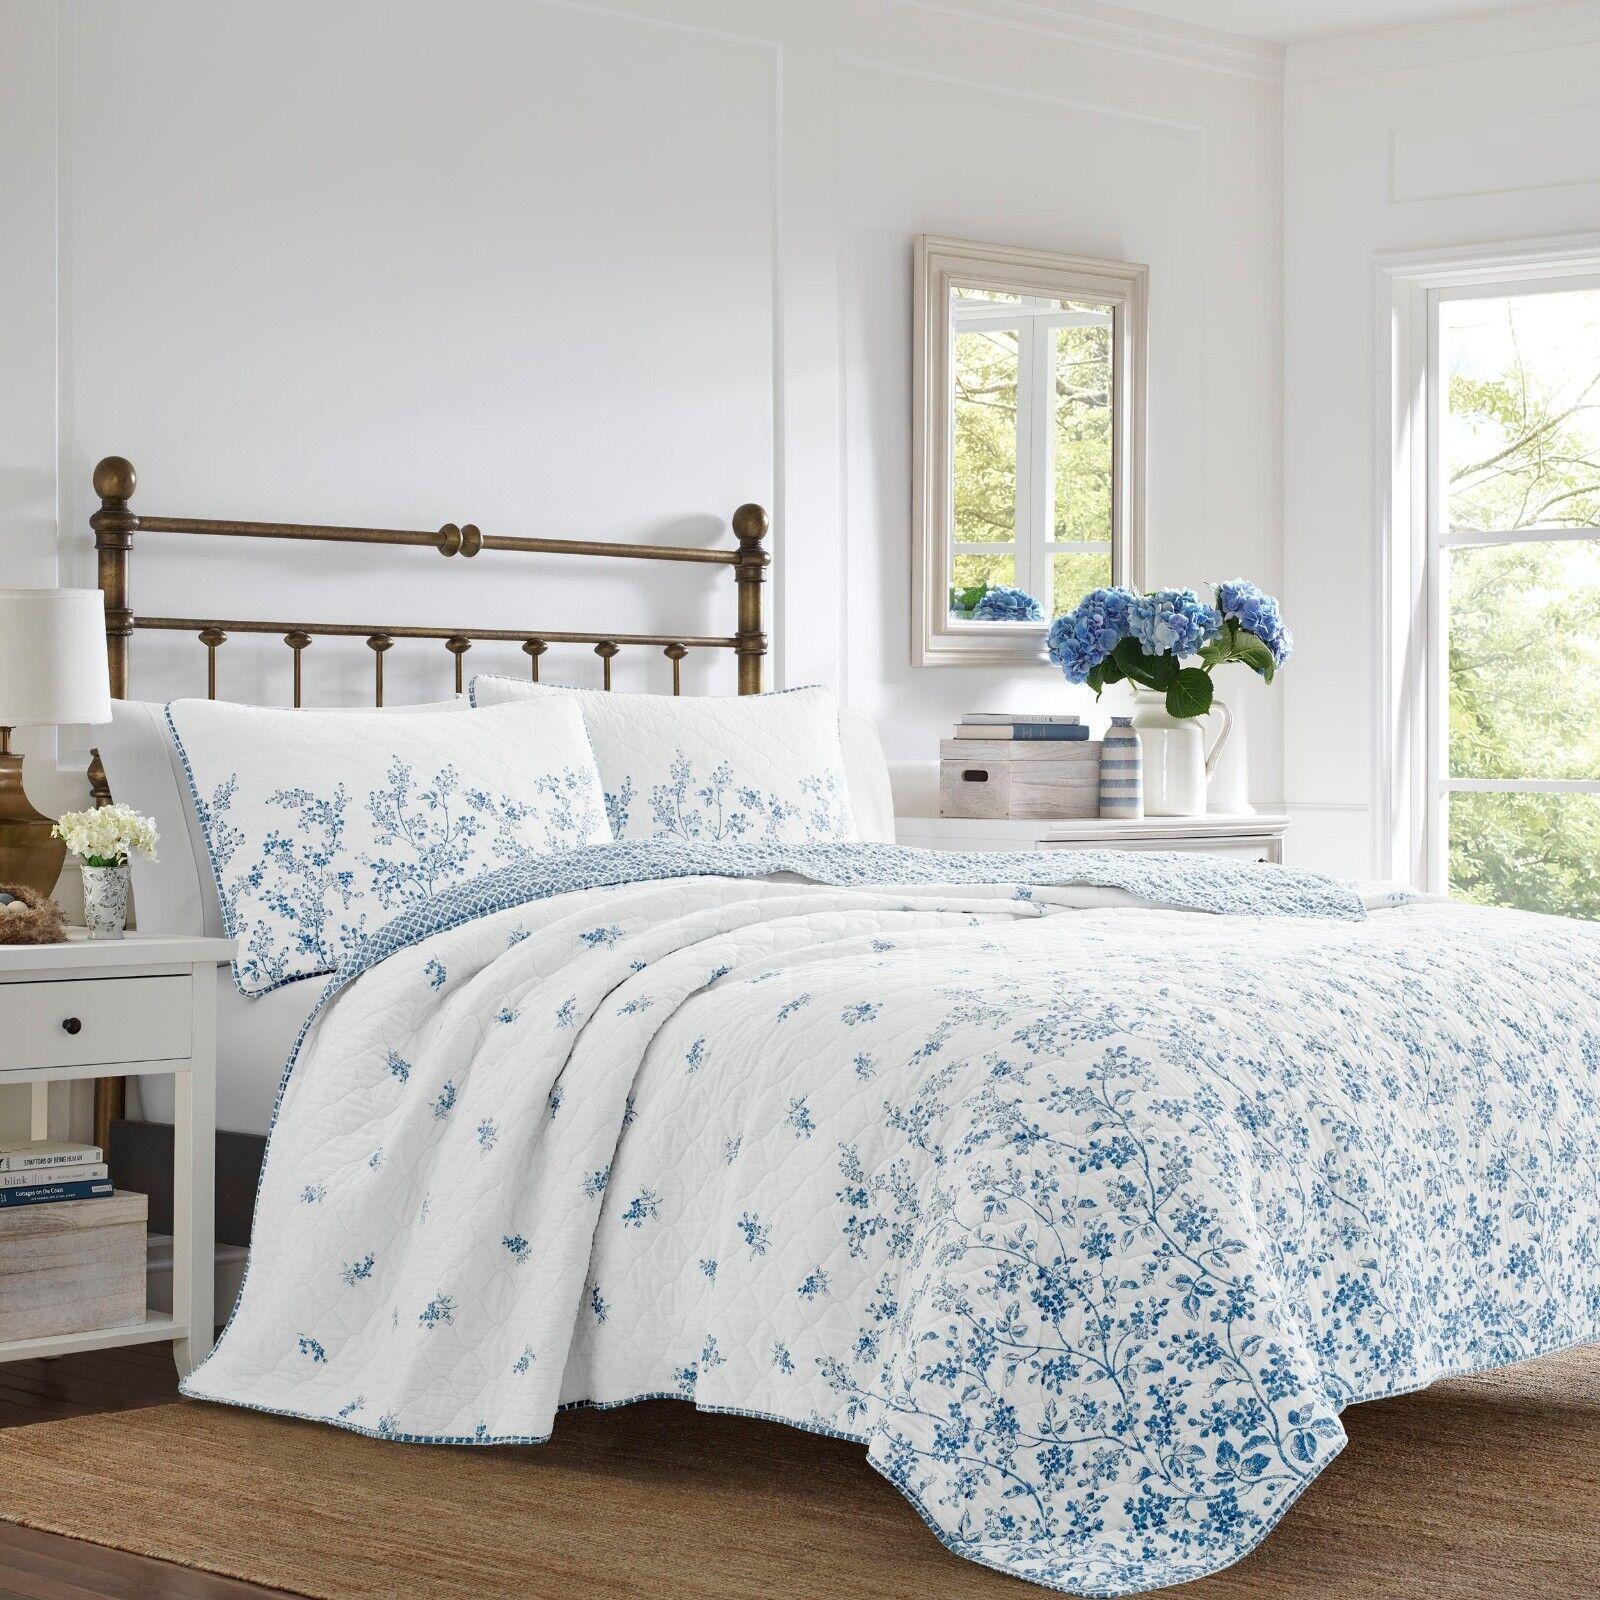 Elegant Classic 100% Cotton Top blu Floral 3 pcs King Queen Quilt Coverlet Set